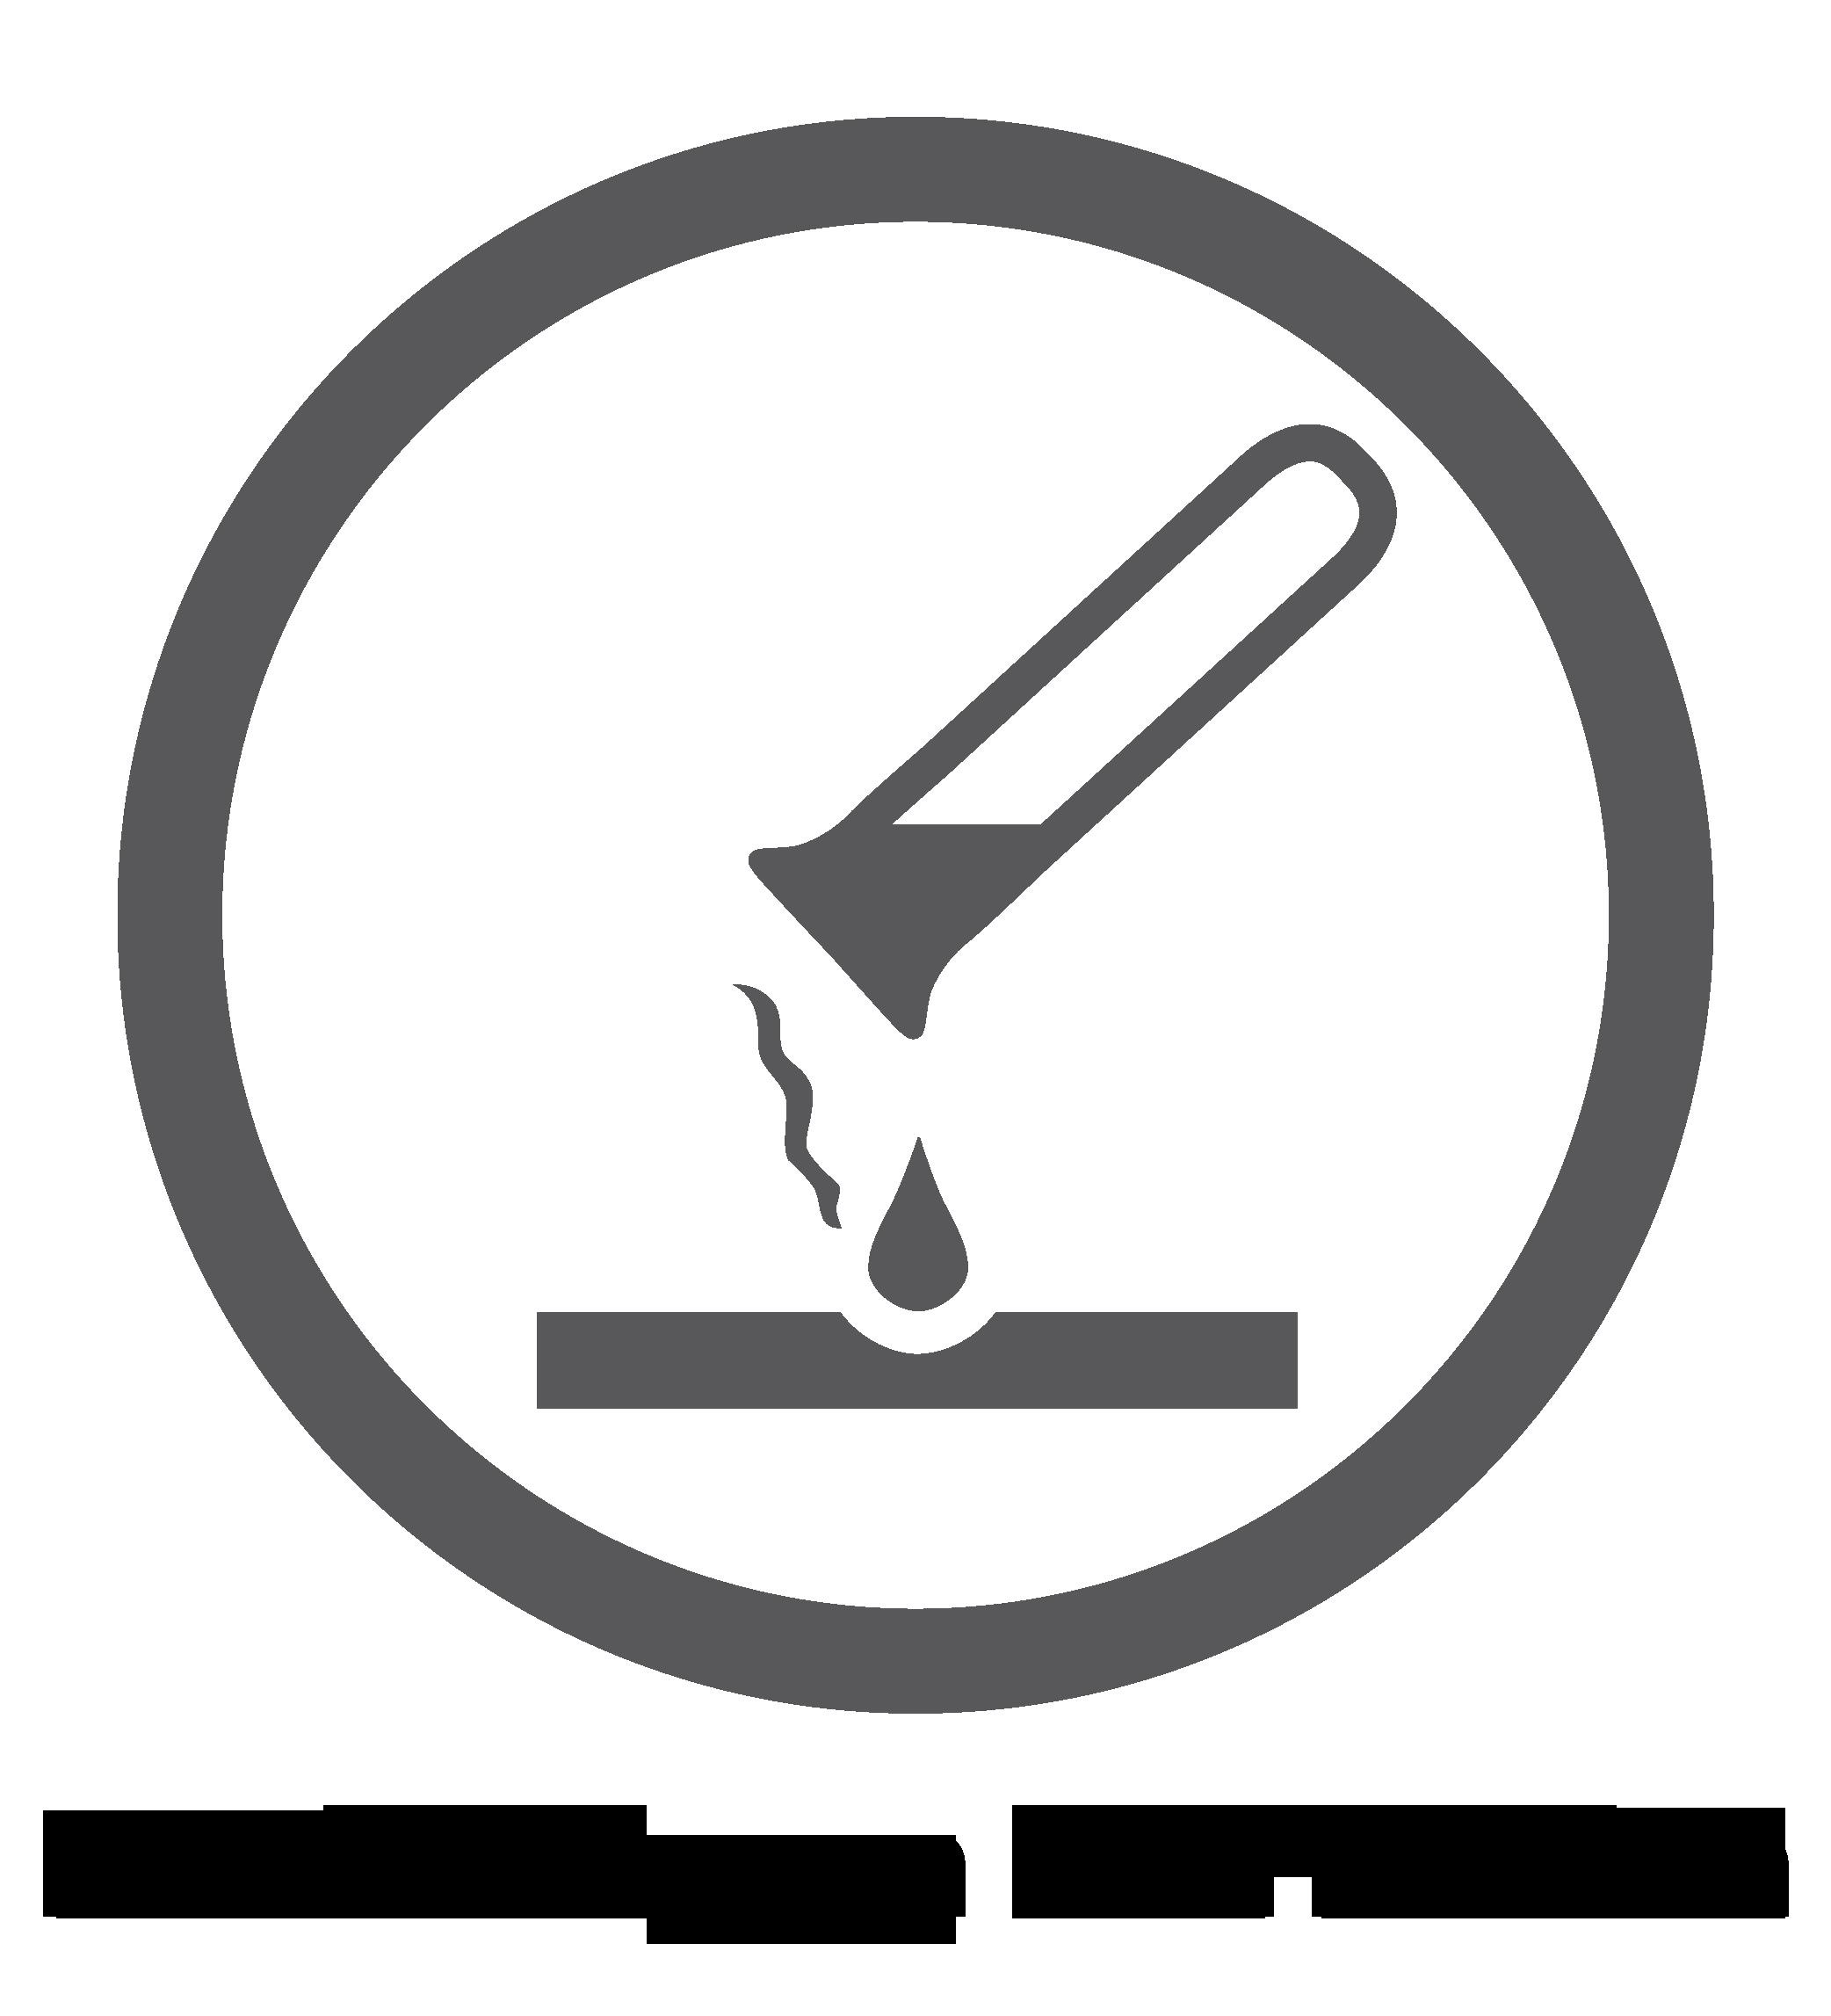 Logo van chemicaliënbestendig oppervlak